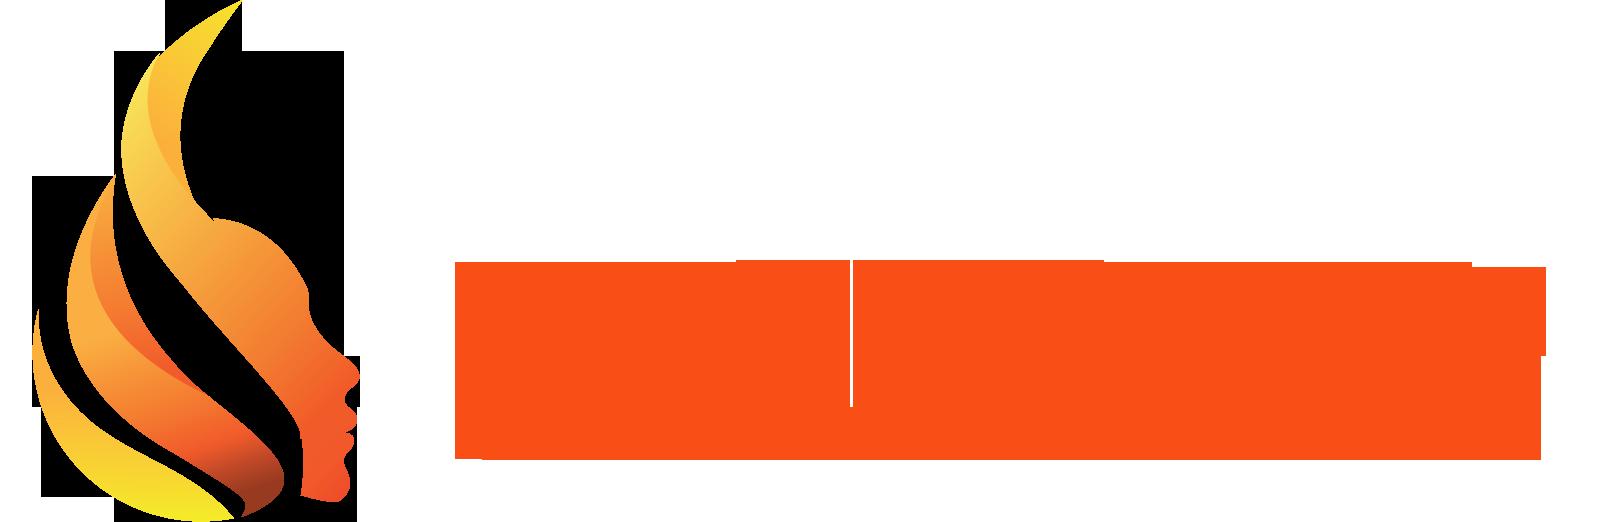 Danielle Saint Lot